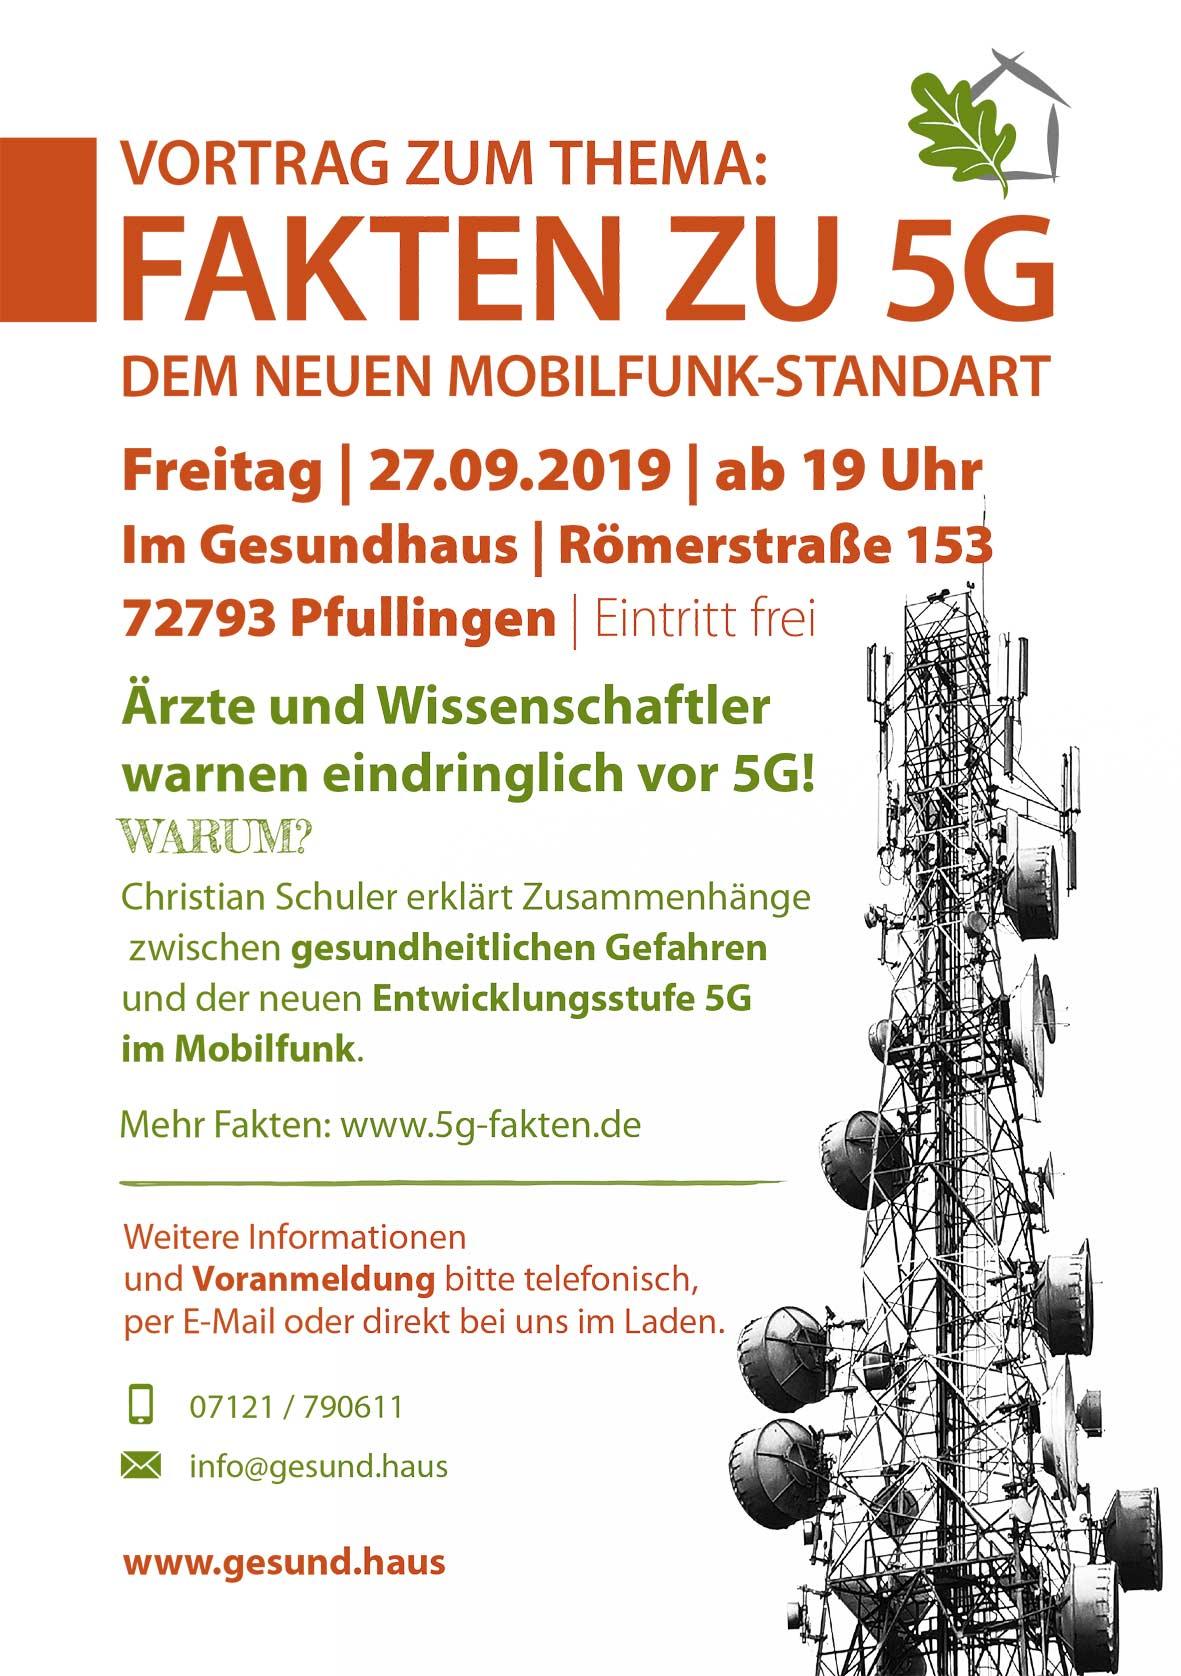 Gesundhaus-5G-Vortrag-A5-4web